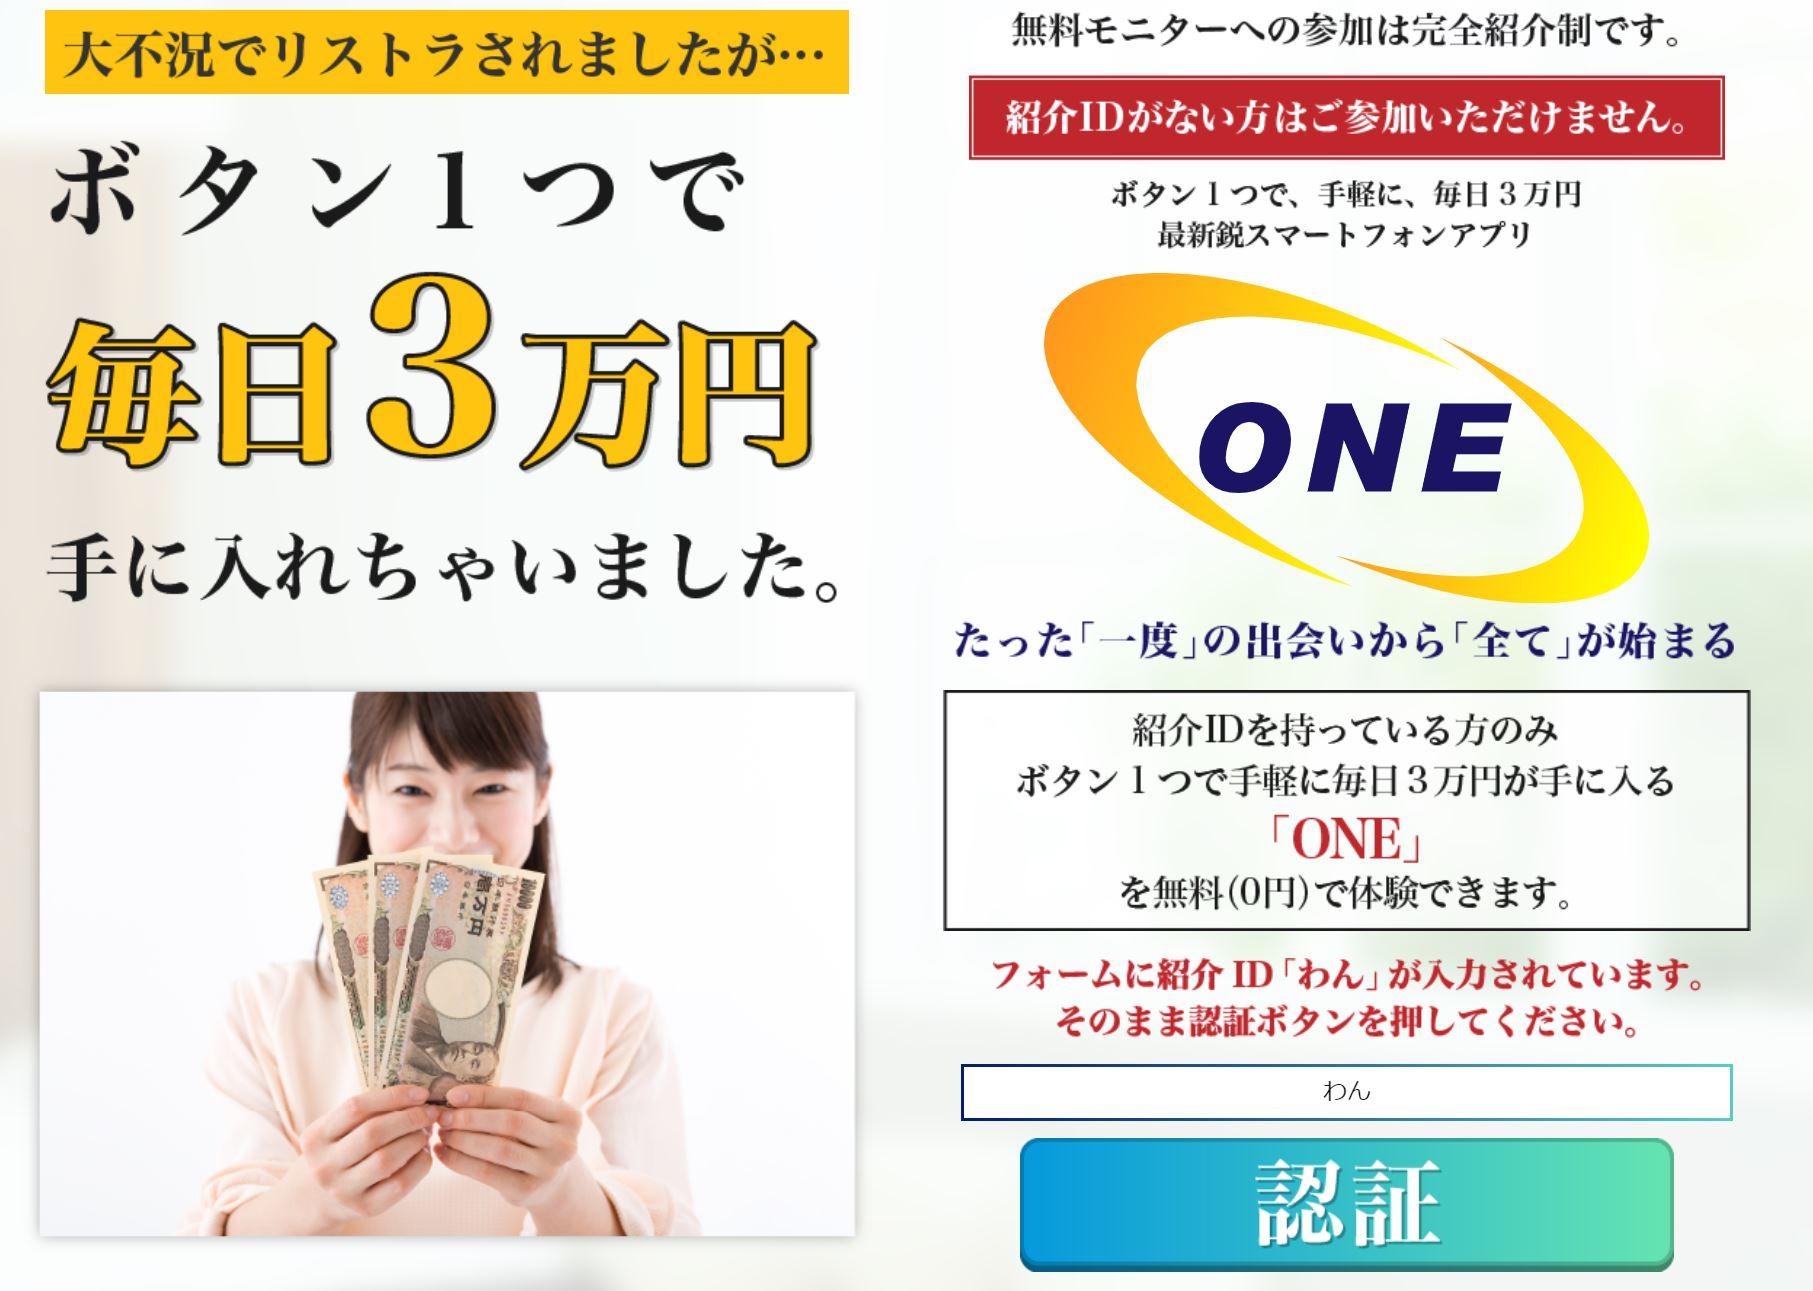 秋山雅 協立エステート ONE ボタン1つで毎日3万円稼げる?副業調査